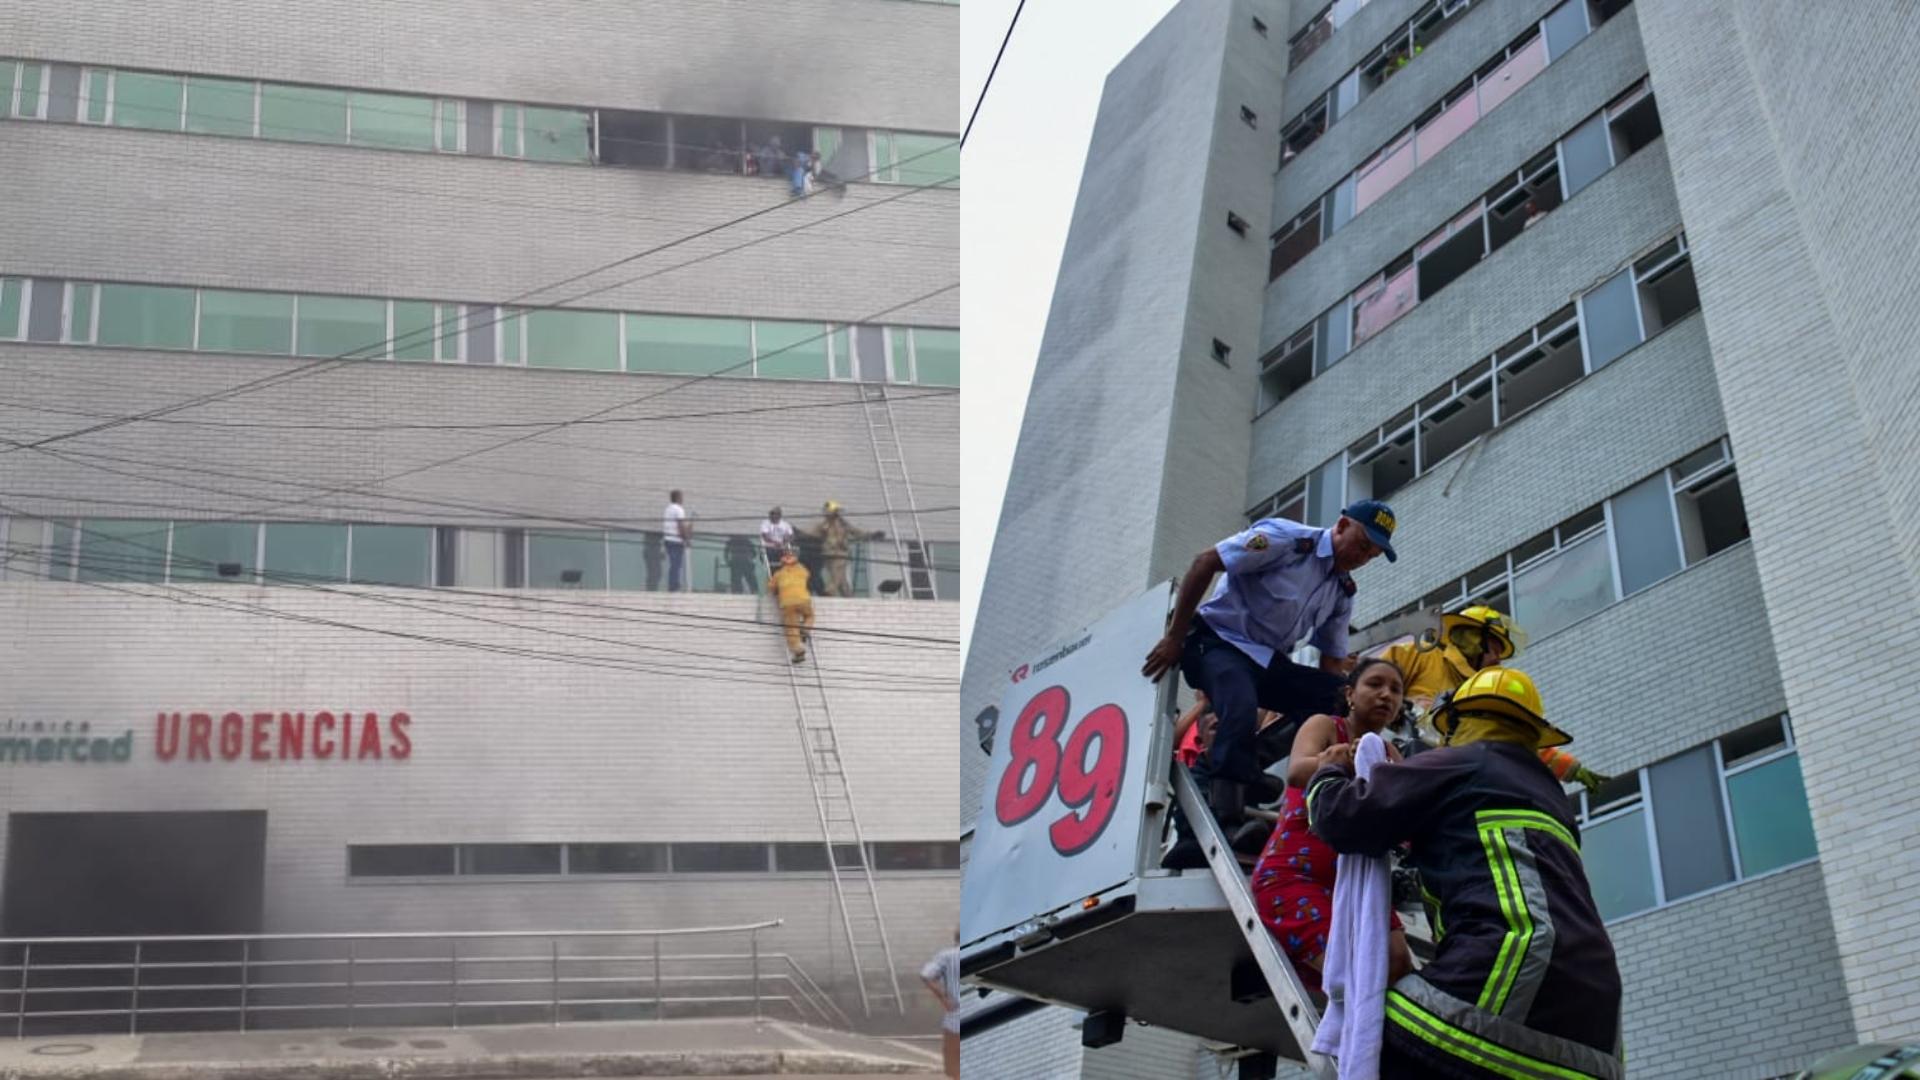 Momento en que los bomberos rescatan al personal en la clínica.